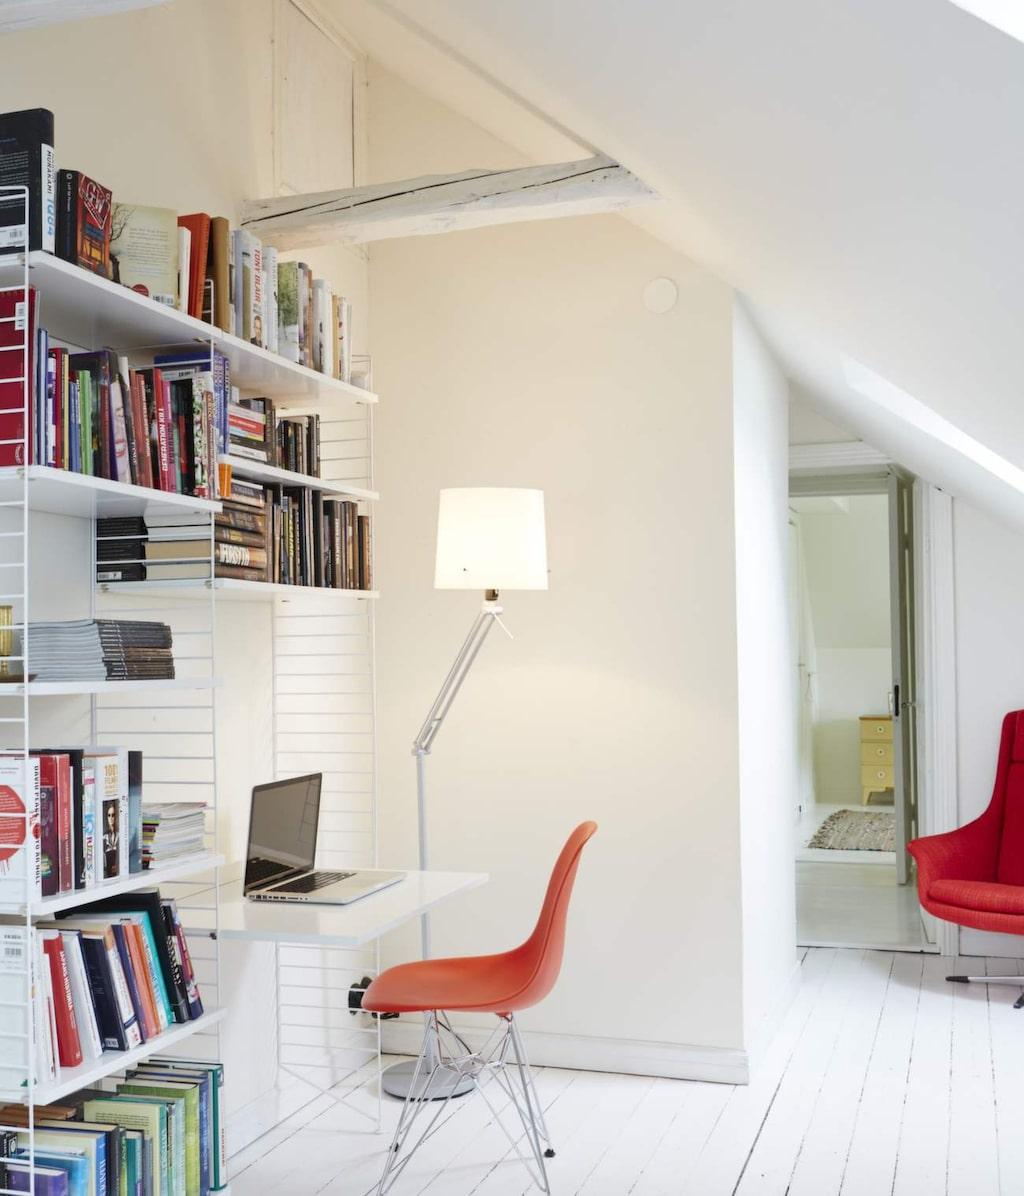 I anslutning till stringhyllan i gästrummet har det gjorts plats för ett litet arbetsbord. Eames-stolen blir en välkommen färgklick.